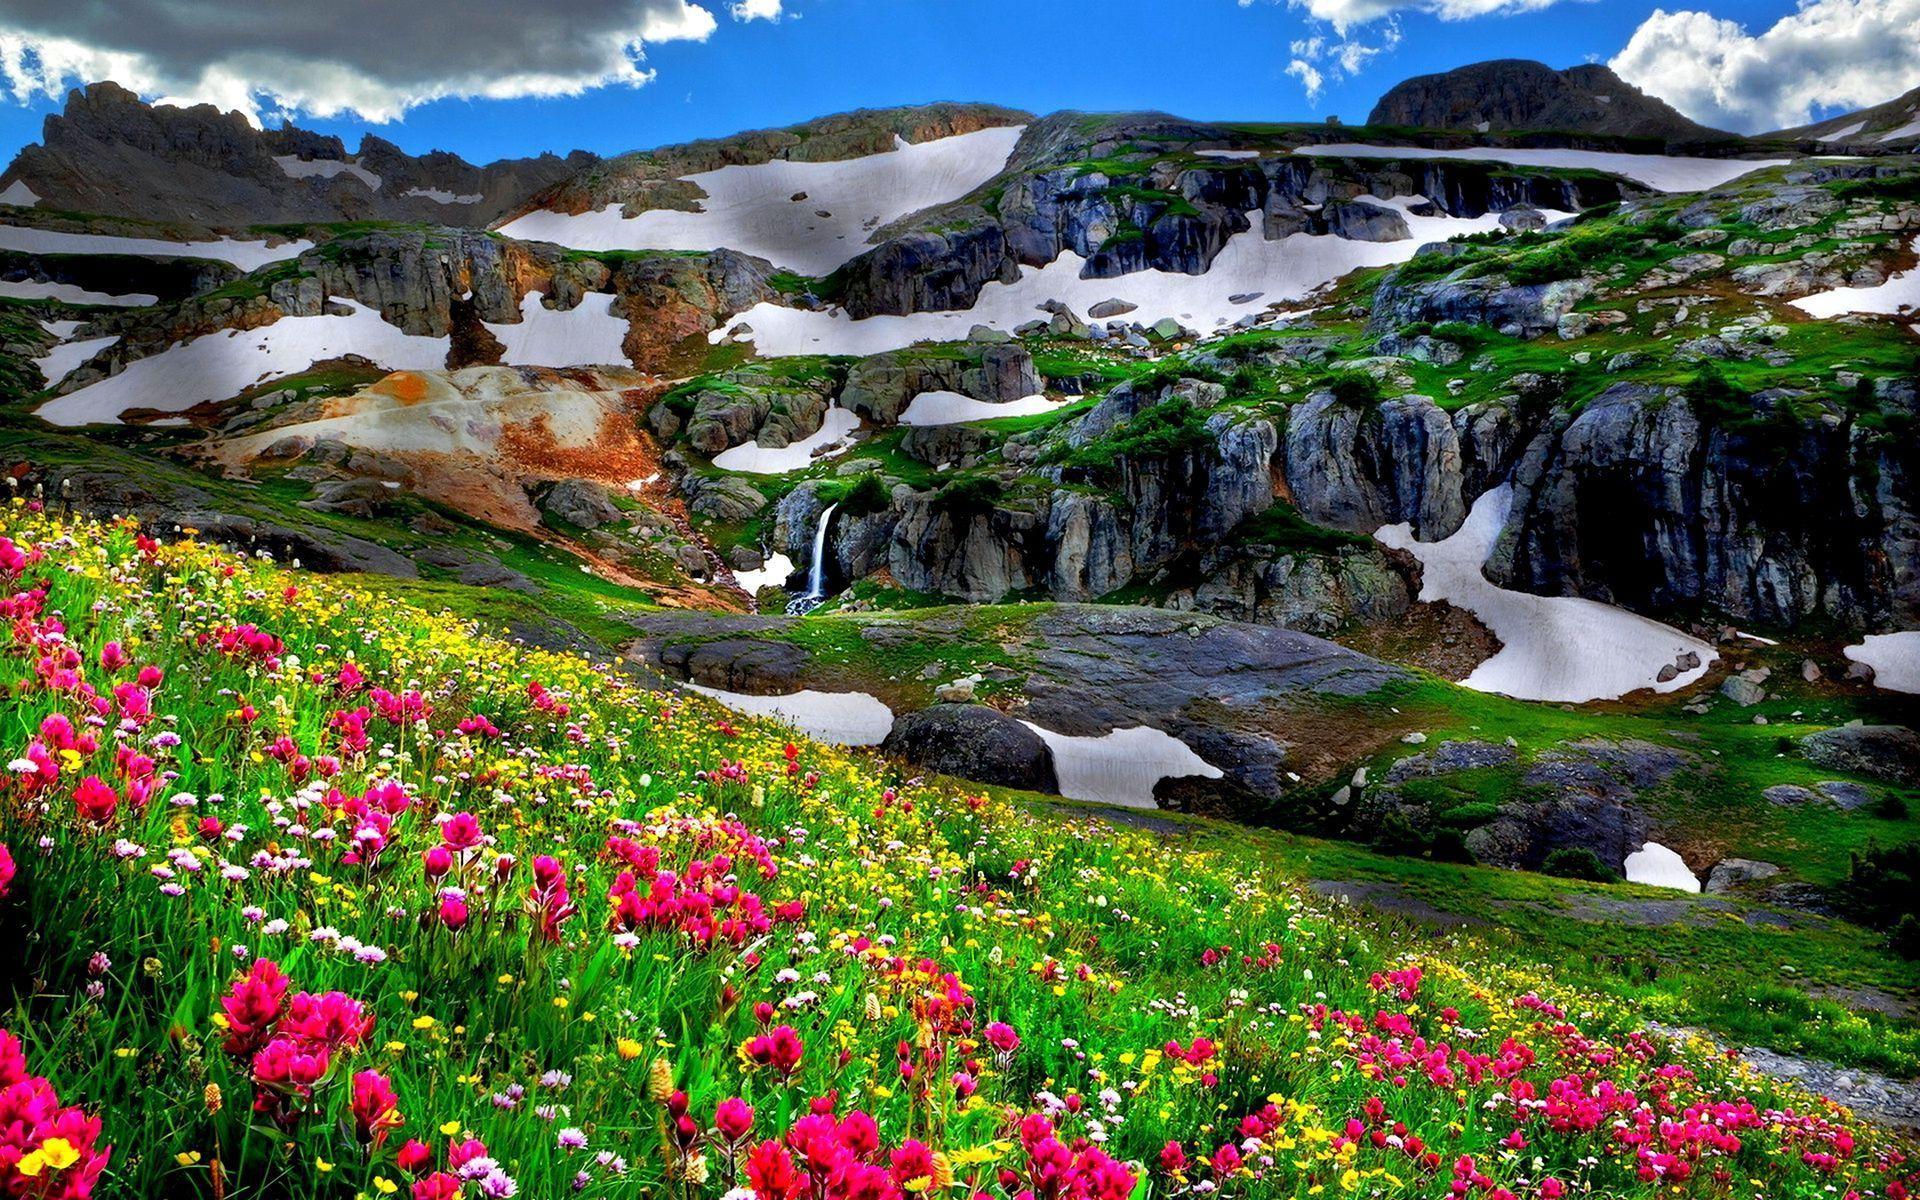 terre nature paysage terre nature montagne printemps fleur champ pierre snow fond d 39 cran. Black Bedroom Furniture Sets. Home Design Ideas